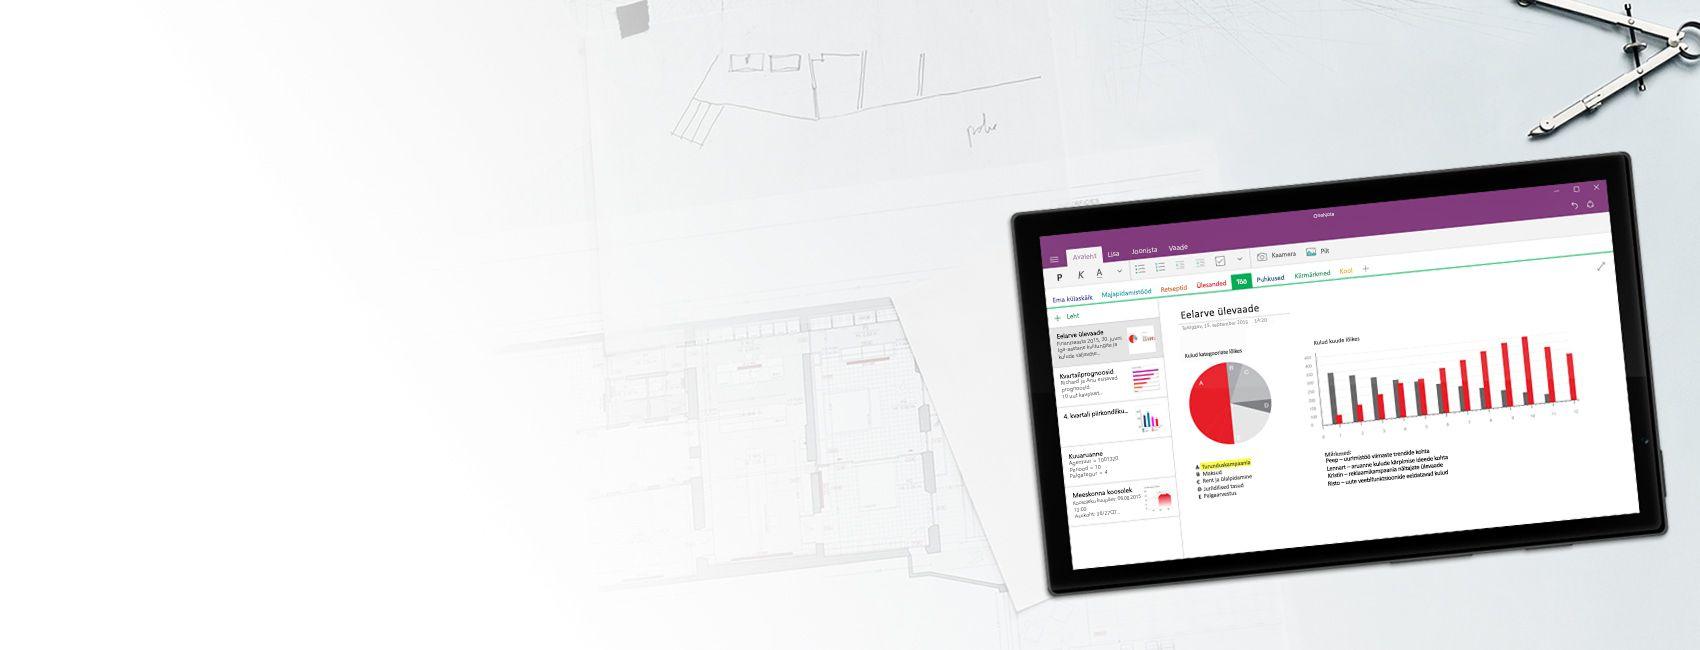 Windowsi tahvelarvuti, mille ekraanil on näha OneNote'i märkmik koos eelarve ülevaadet kujutavate diagrammide ja graafikutega